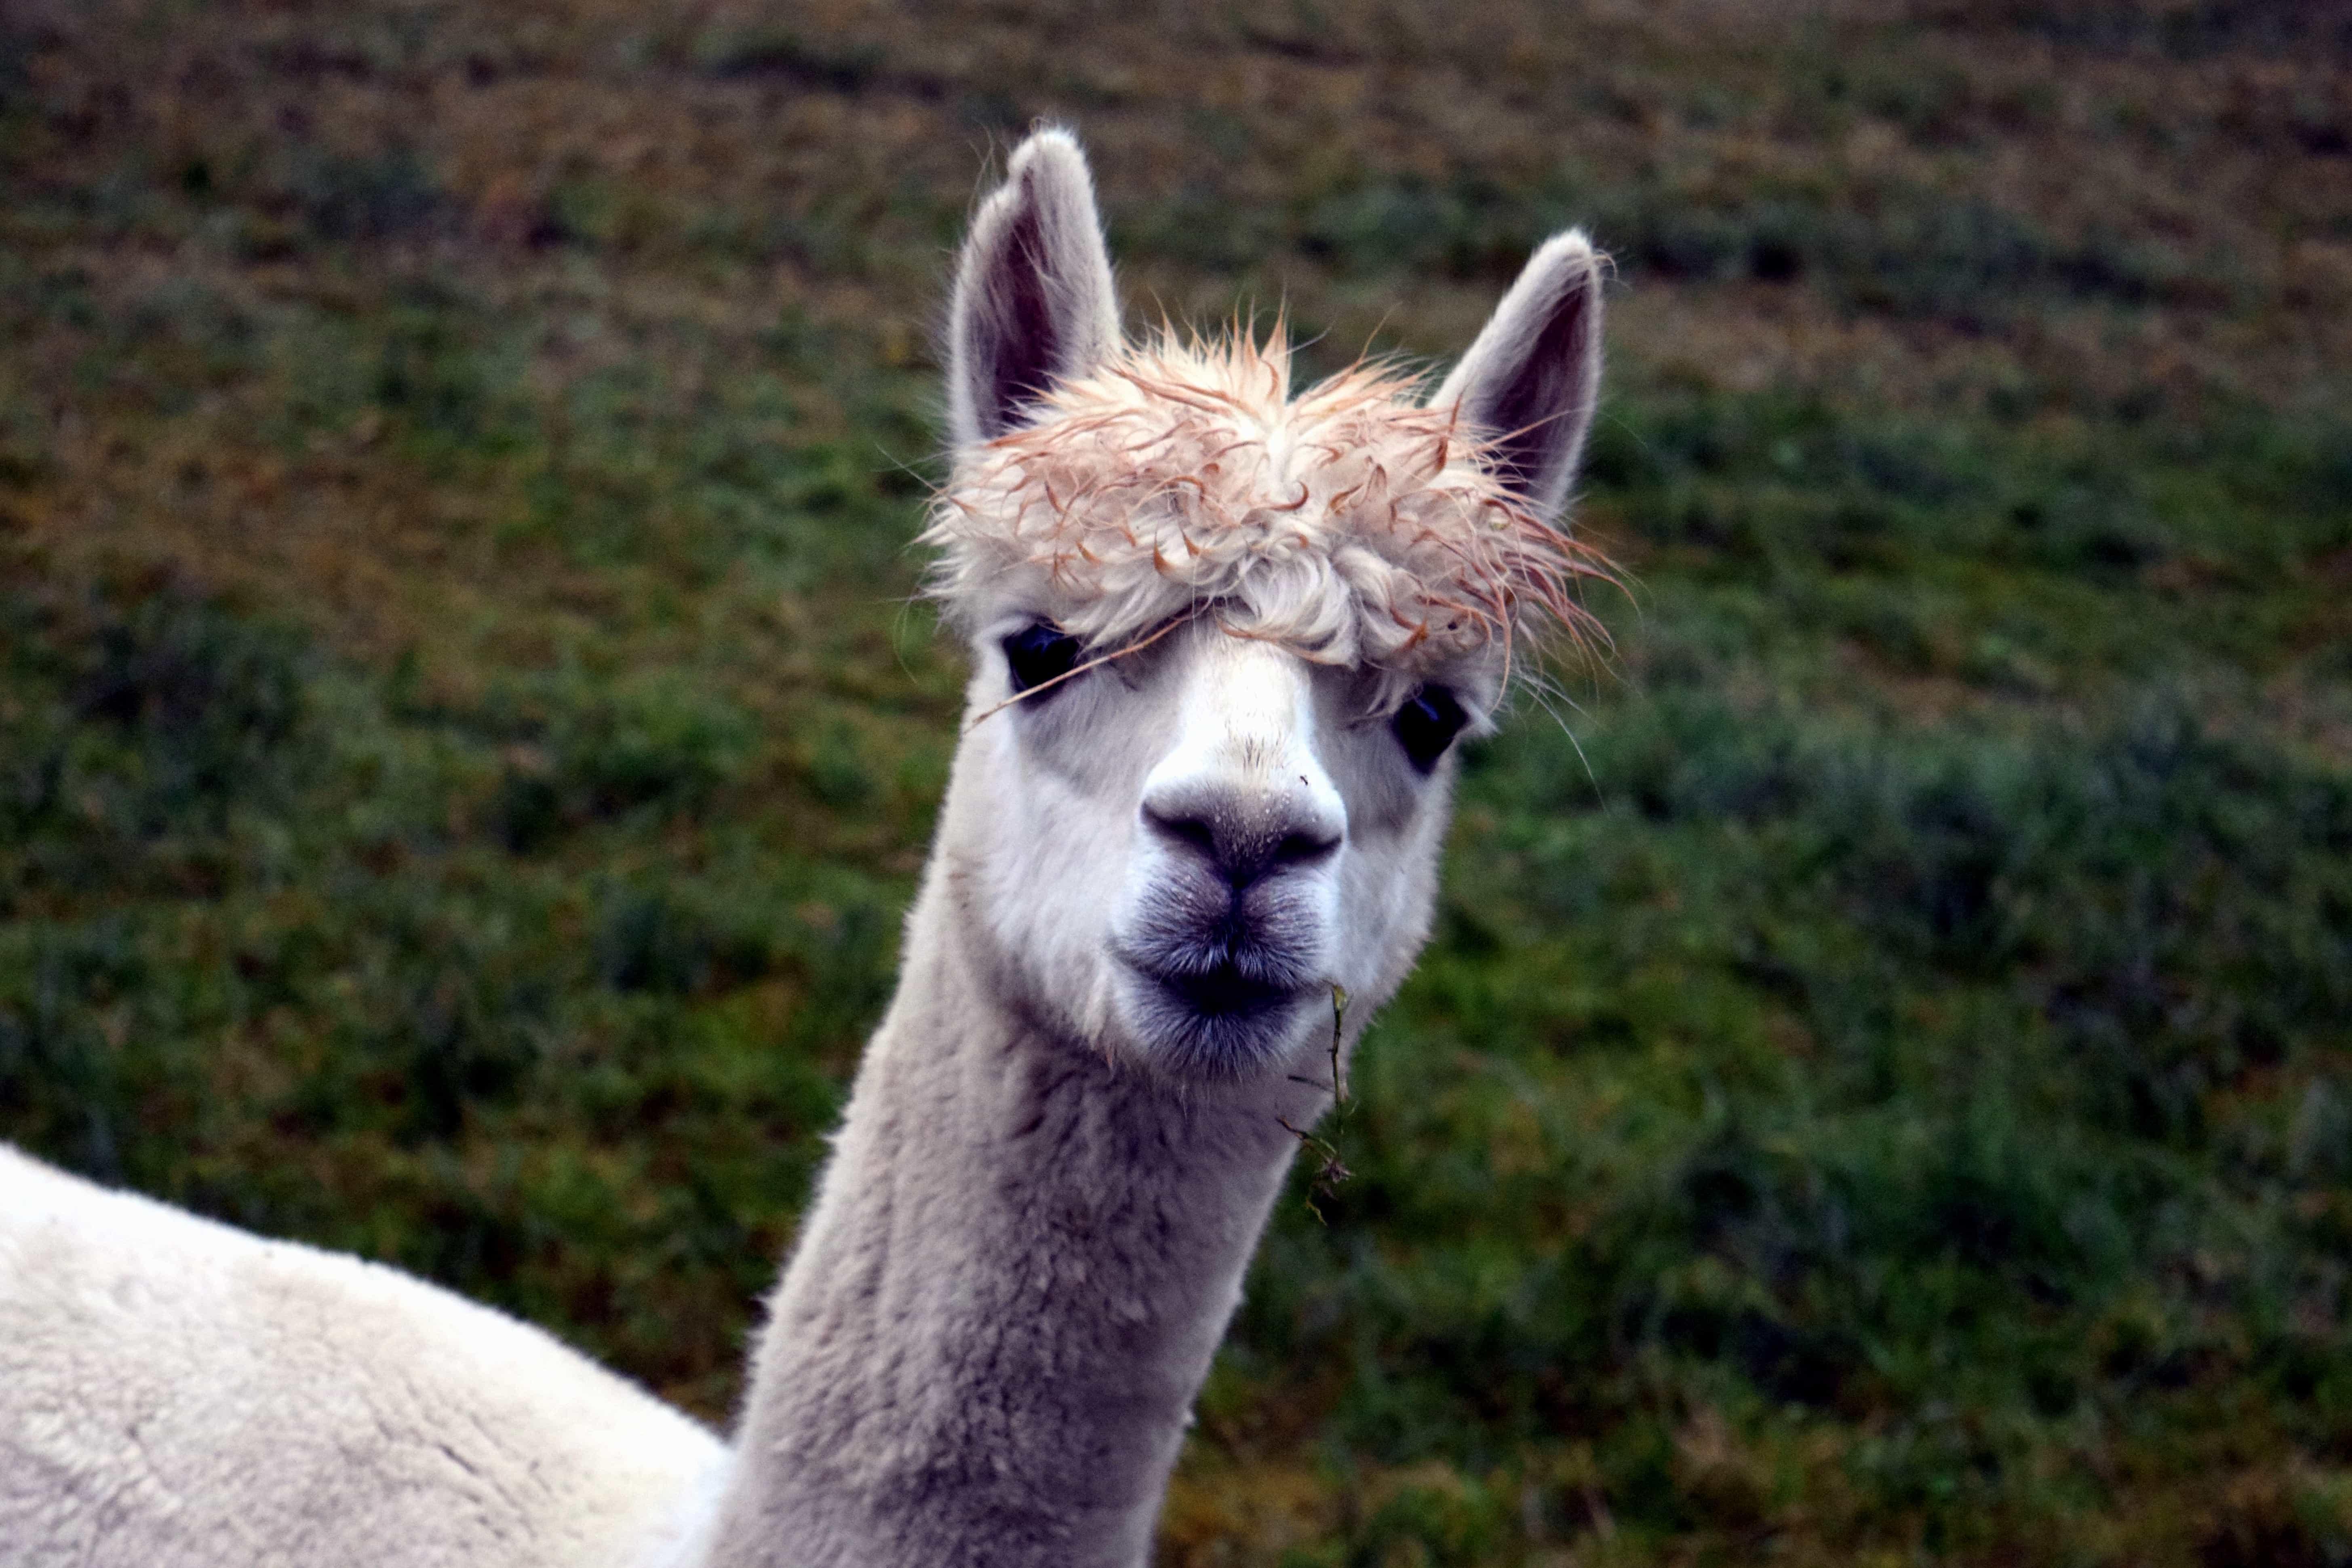 Animal Face Wallpaper Image Libre Mignon Lama Herbe De Fourrure Vert Animaux